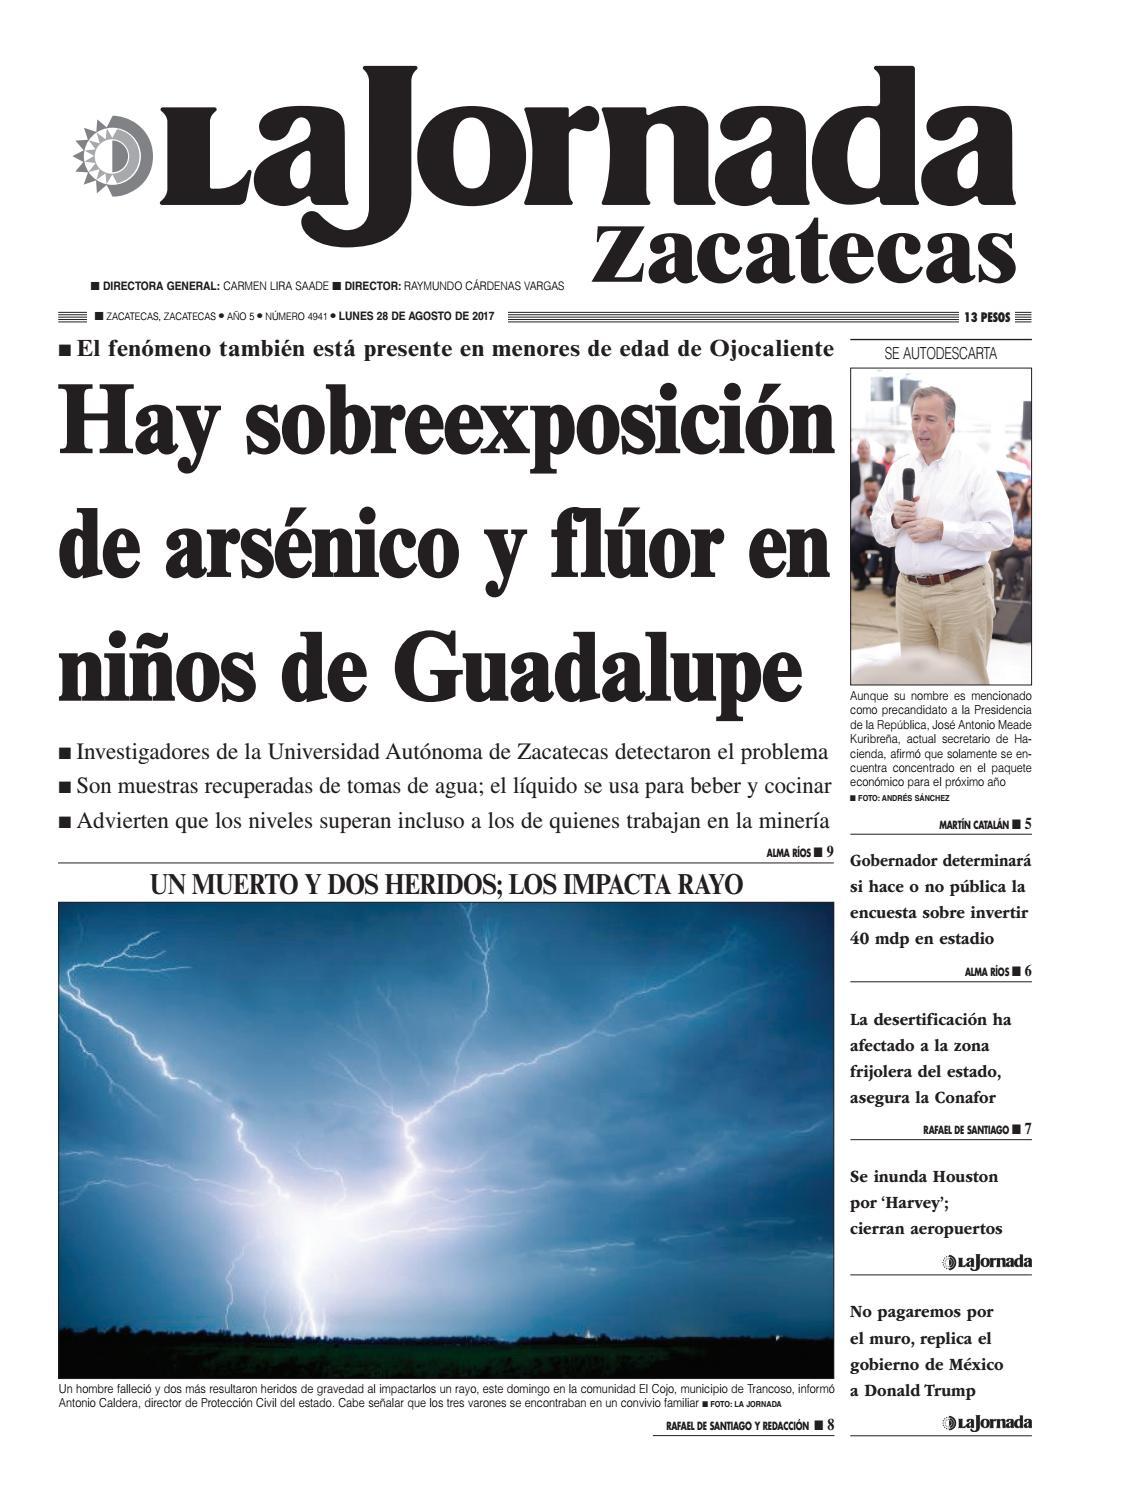 La Jornada Zacatecas, lunes 28 de agosto de 2017 by La Jornada ...